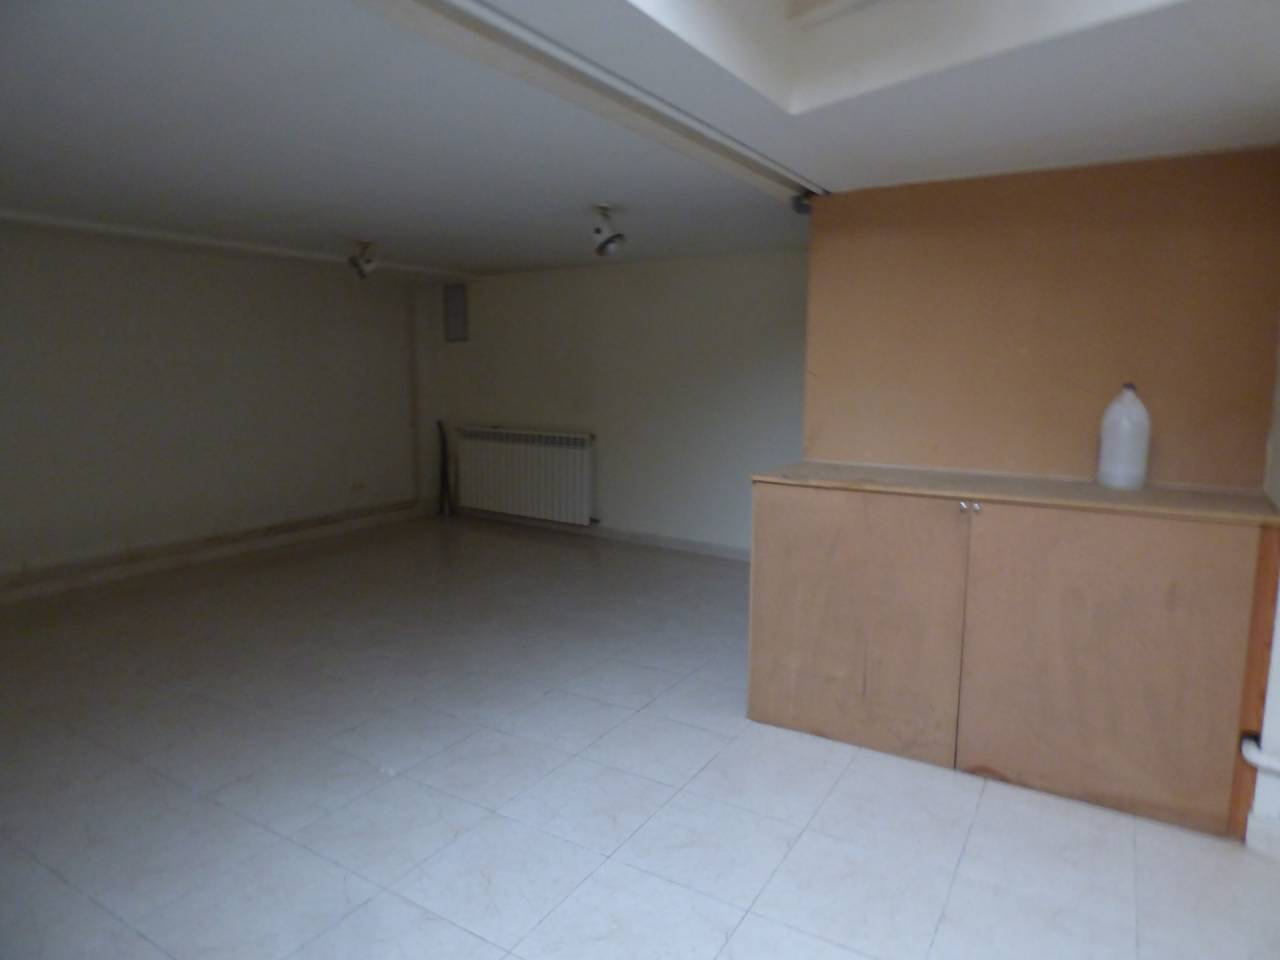 Alquiler Local Comercial  Bellver de cerdanya. Superficie total 110 m², local comercial superficie útil 100 m²,